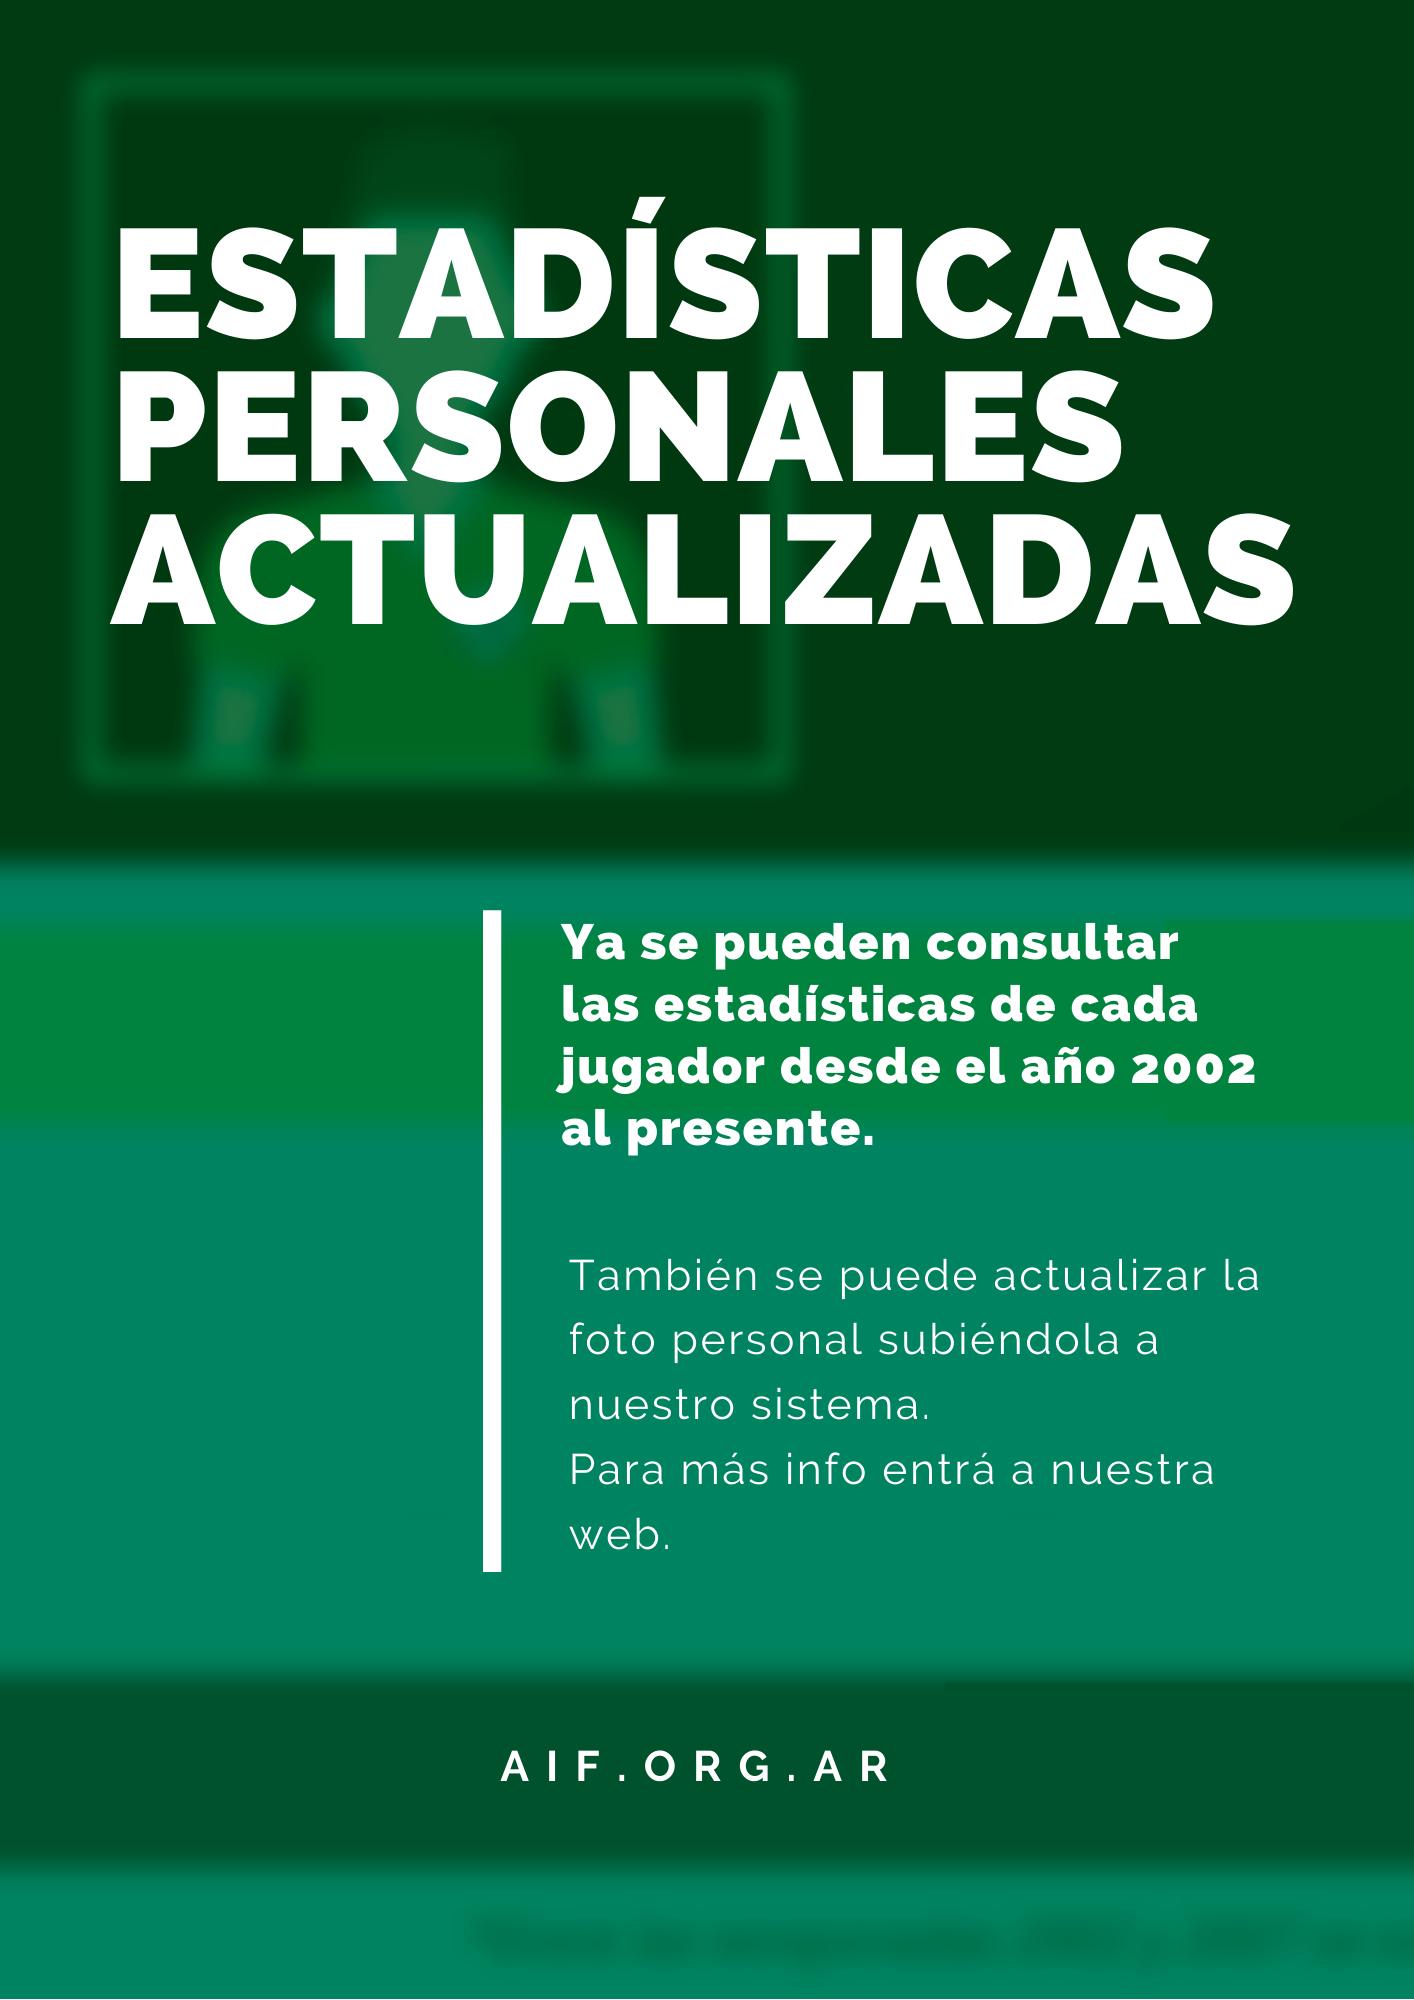 estadísticas personales actualizadas(1)